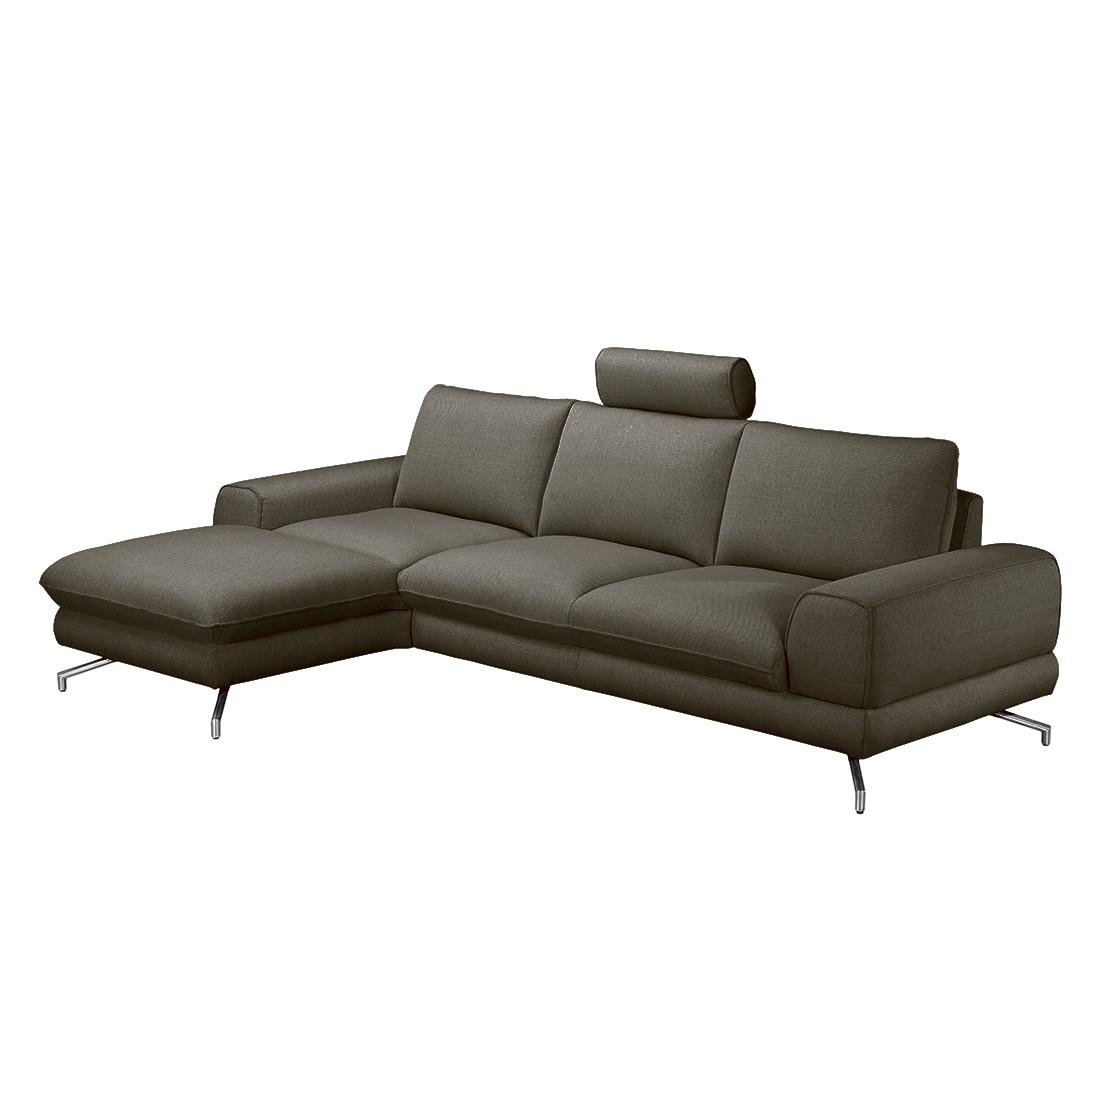 Ecksofa Lennard – Strukturstoff Grau-Braun – Longchair davorstehend links – Ohne Kopfstütze, loftscape jetzt kaufen